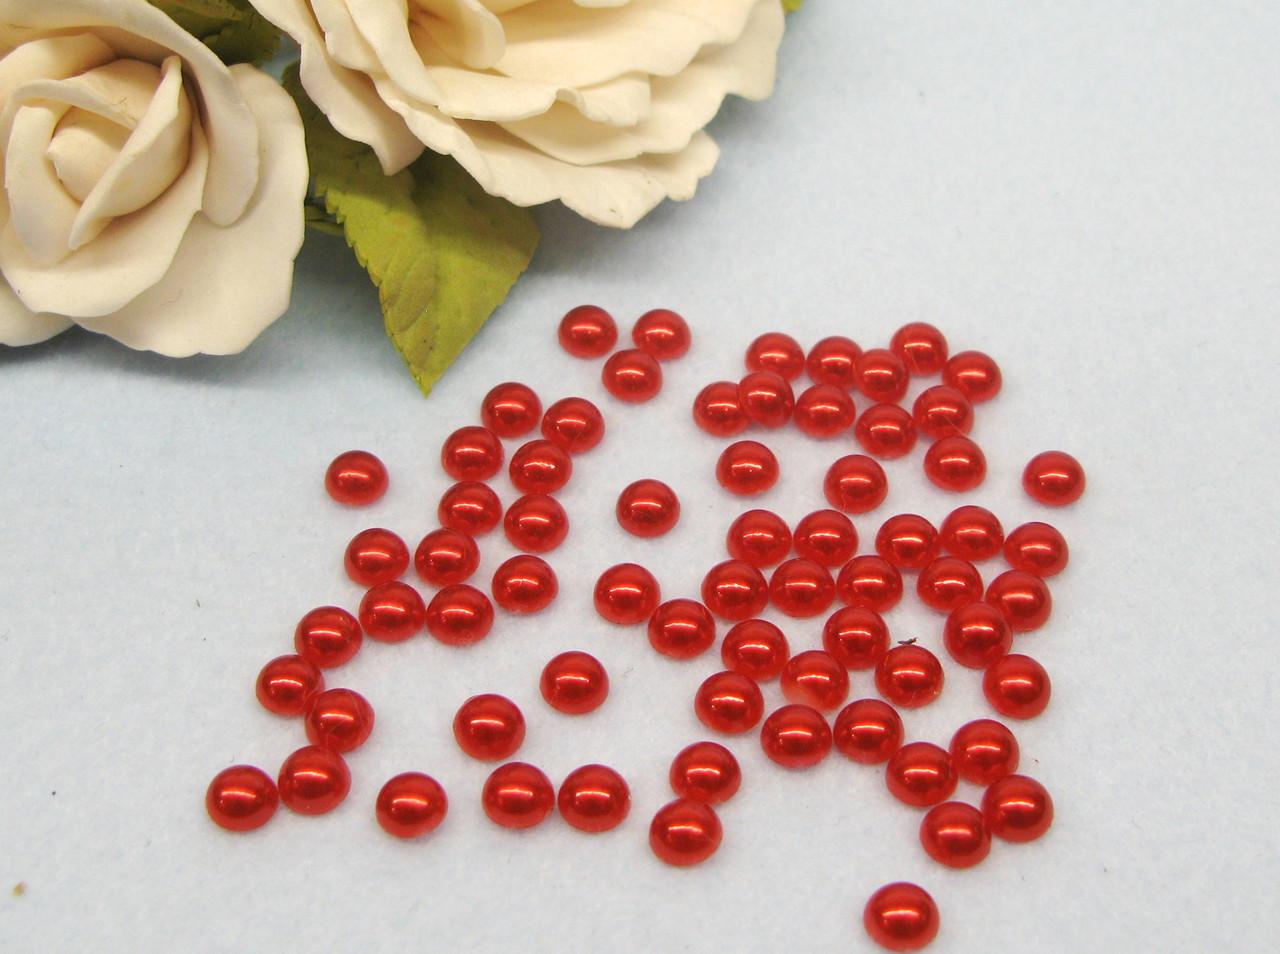 Полубусины жемчужные, 6 мм, цвет красный, цена 7 грн - 160-170 шт